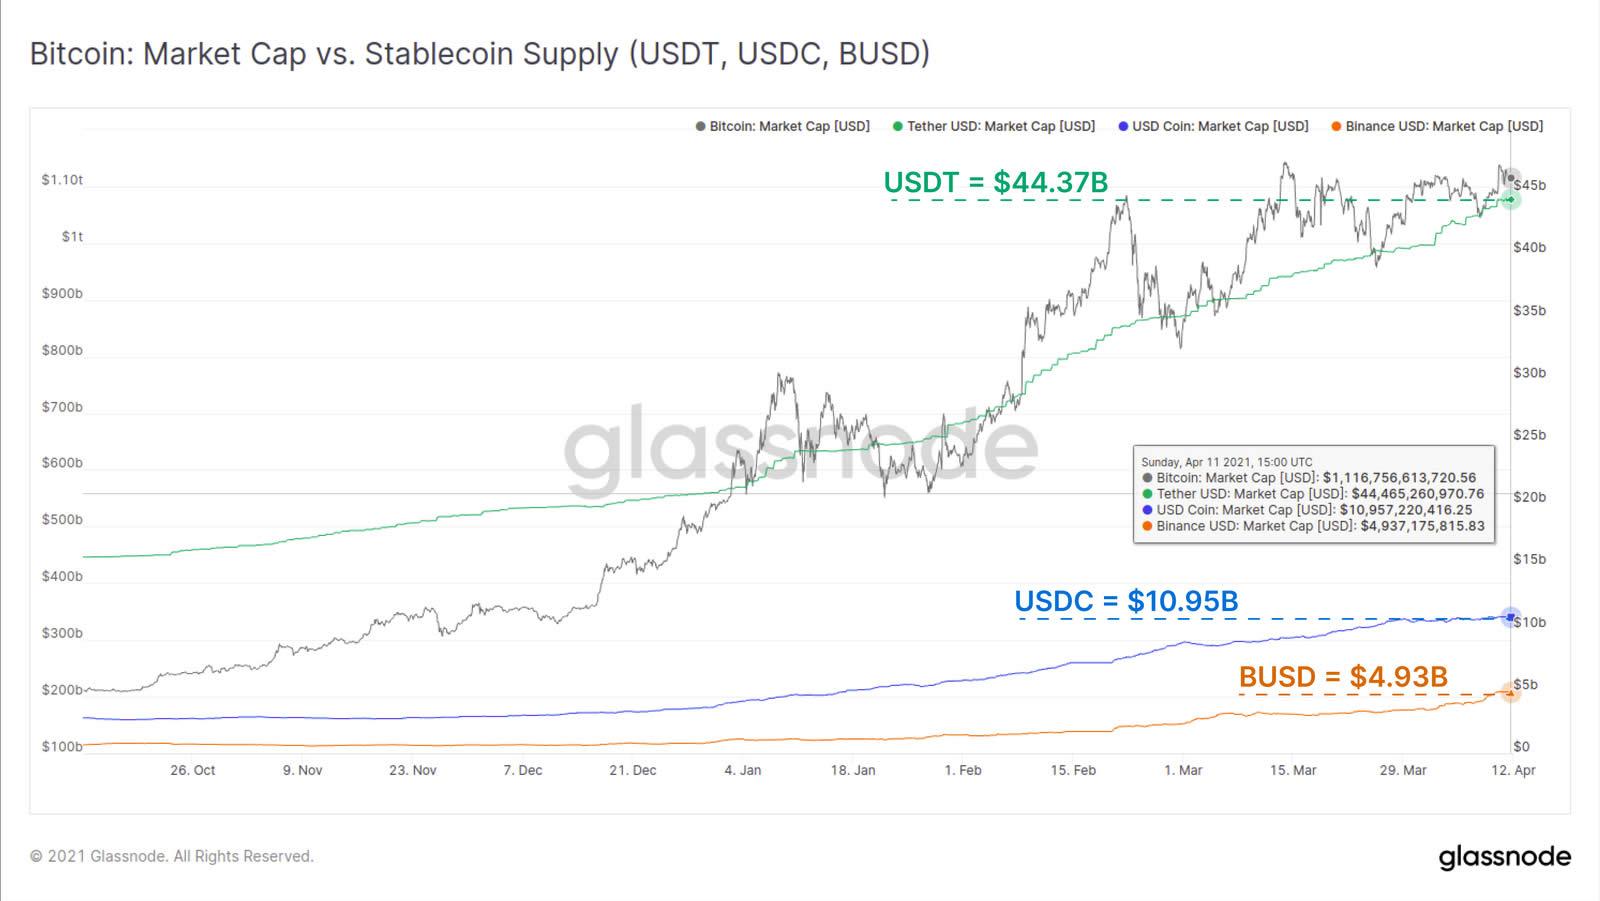 Отчет: На долю USDT, USDC и BUSD приходится более 90% капитализации стейблкоинов